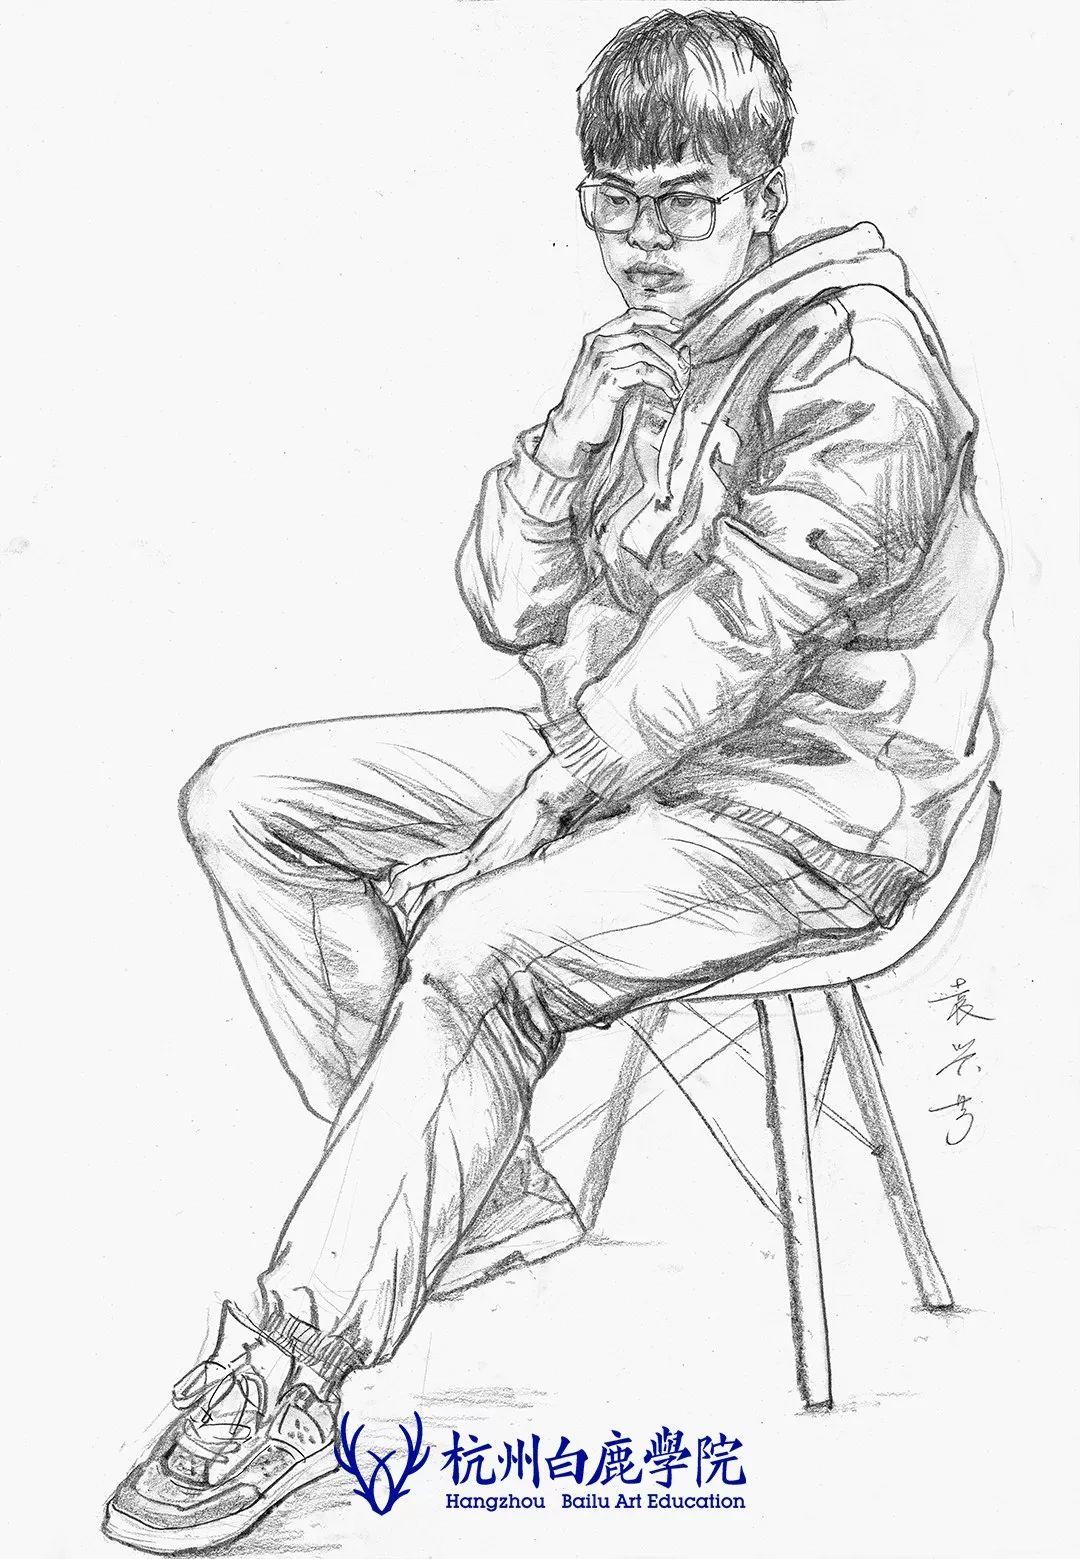 杭州白鹿画室,杭州美术校考,中国美术学院       10